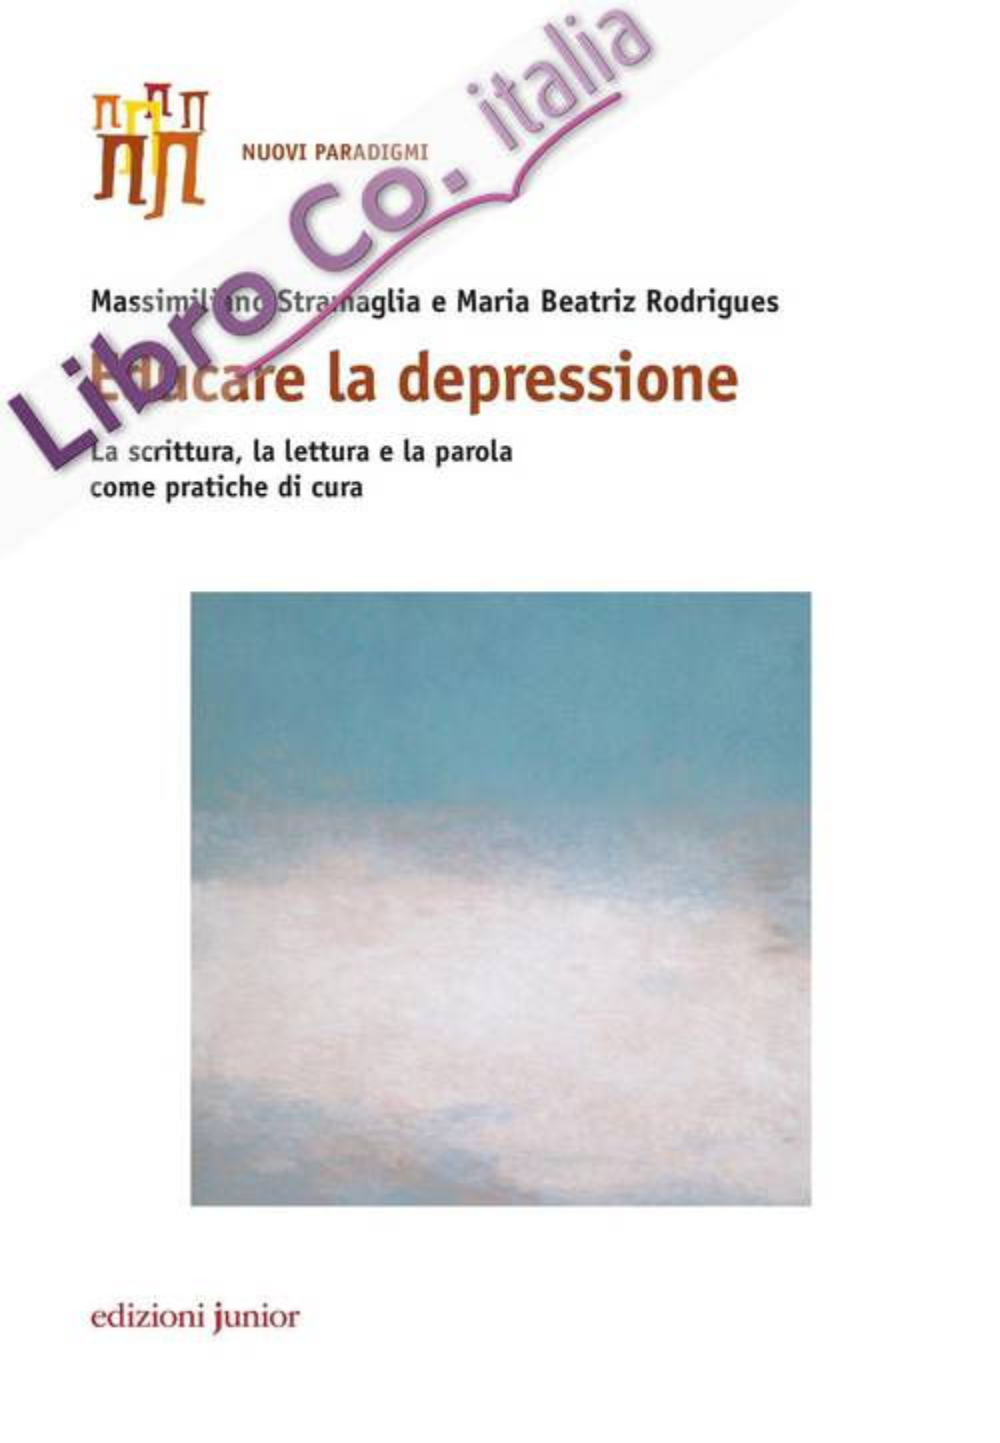 Educare la depressione. La scrittura, la lettura e la parola come pratiche di cura